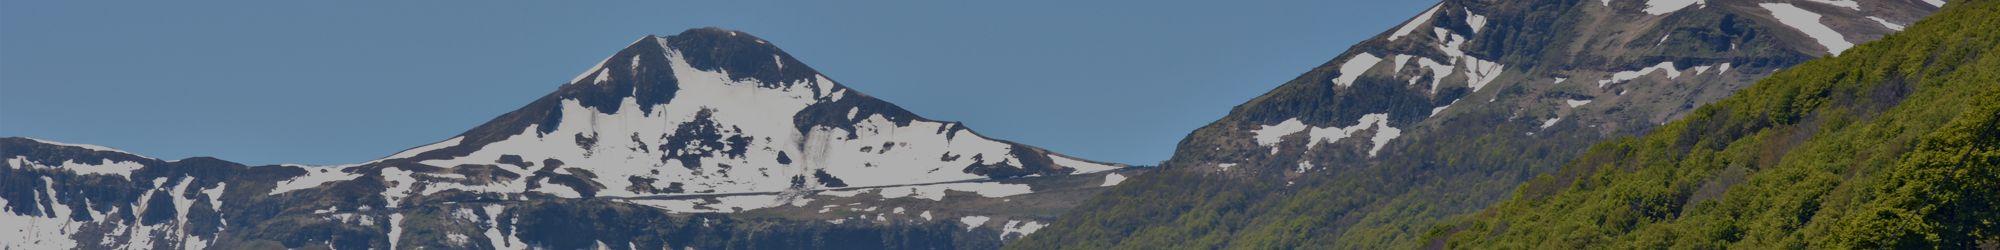 Montagne dans le Cantal